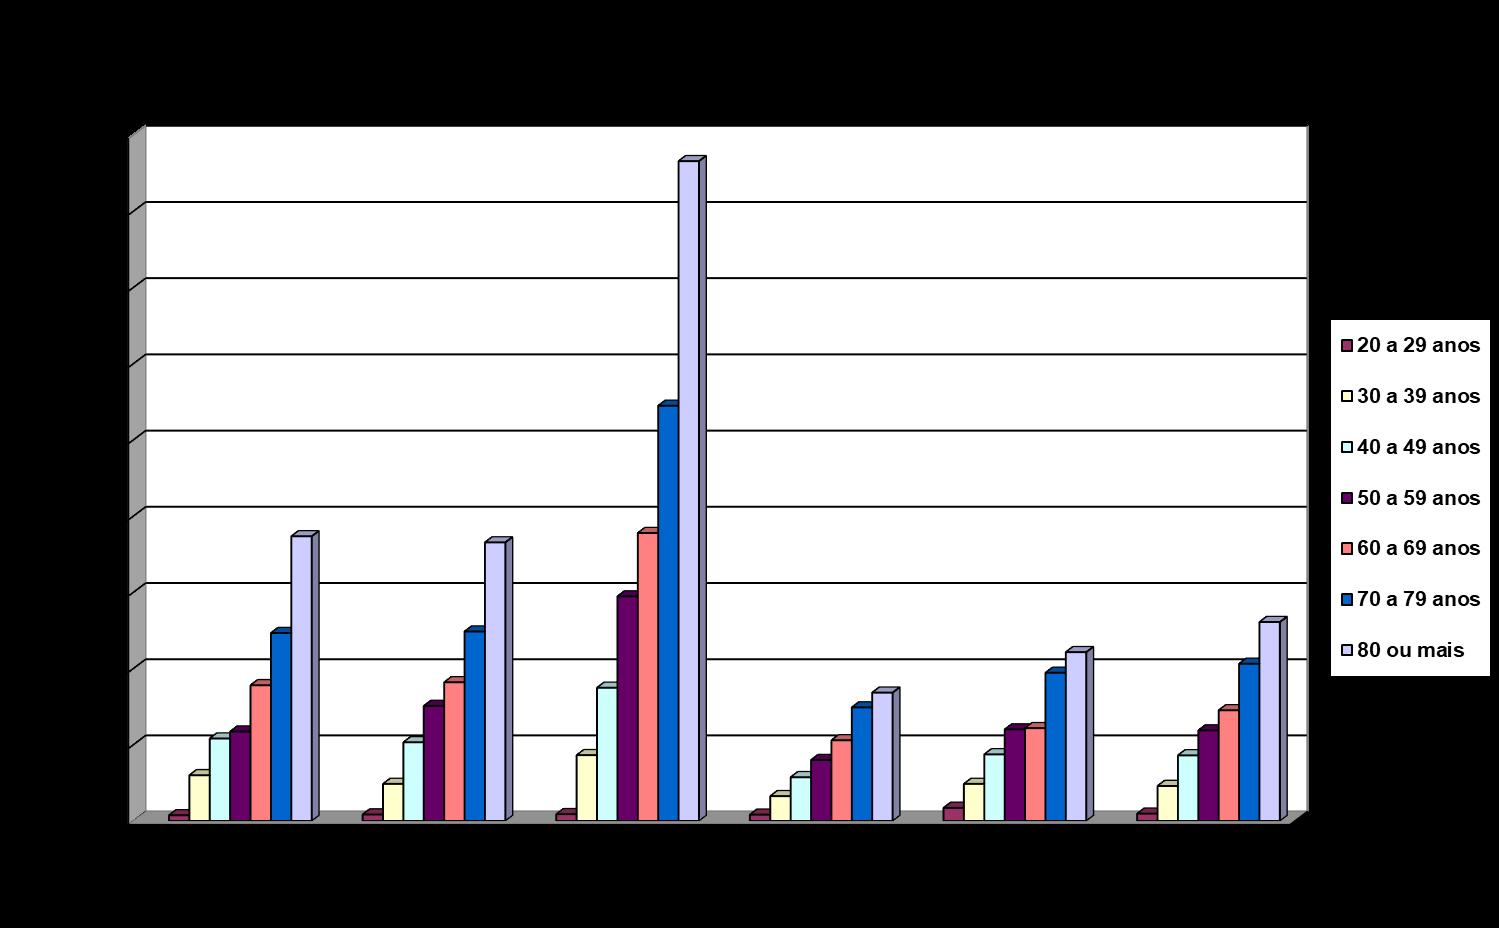 Taxas brutas de mortalidade* por câncer do colo do útero segundo grupo etário. Brasil e regiões, 2016